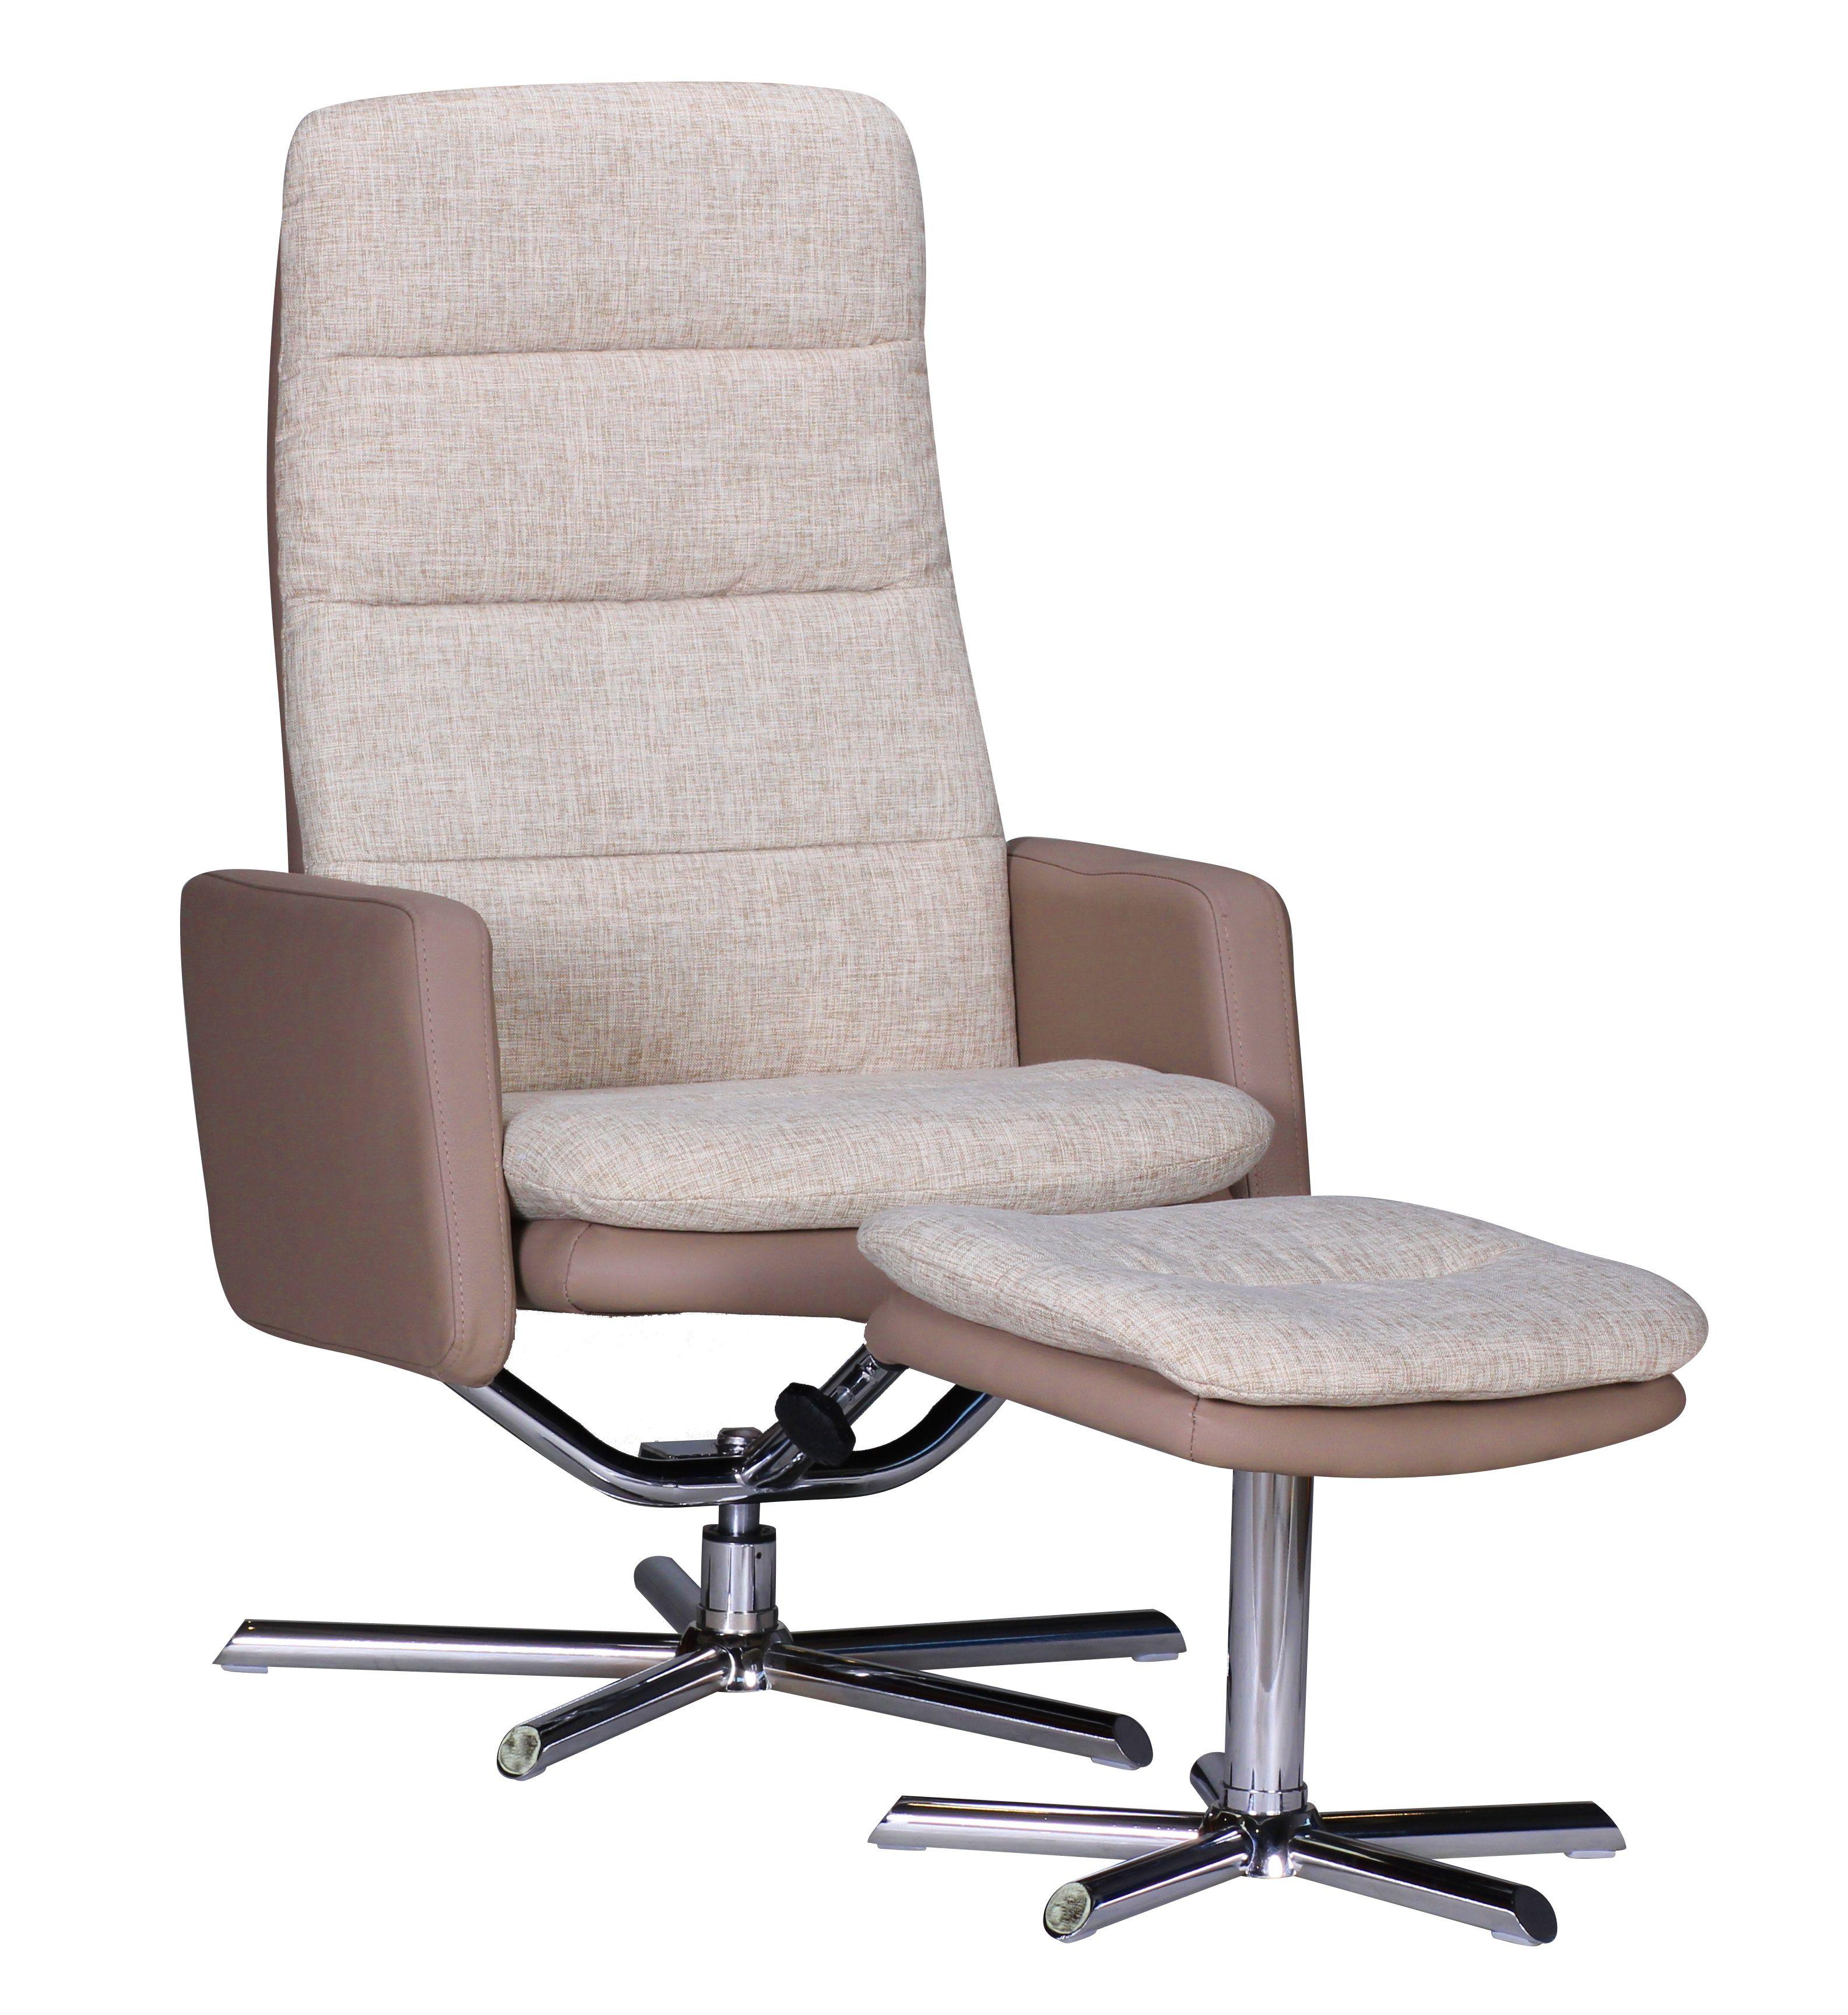 relaxsessel leder modern wohn design. Black Bedroom Furniture Sets. Home Design Ideas